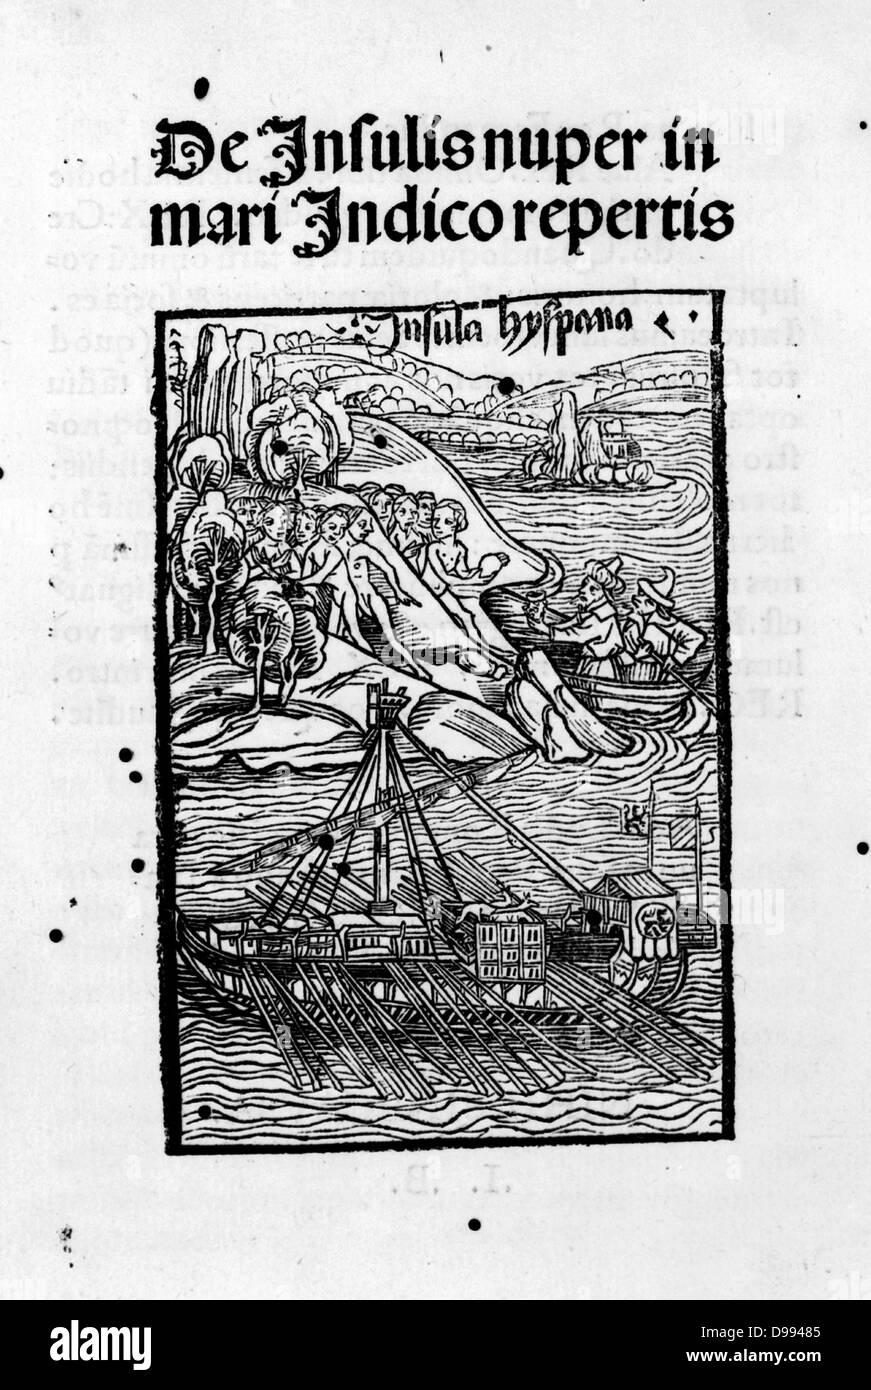 De insulis nuper in Mari Indico repertis de insulis nuper inventis by Carlo Verardi 1440-1500. Published 1494. woodcut - Stock Image